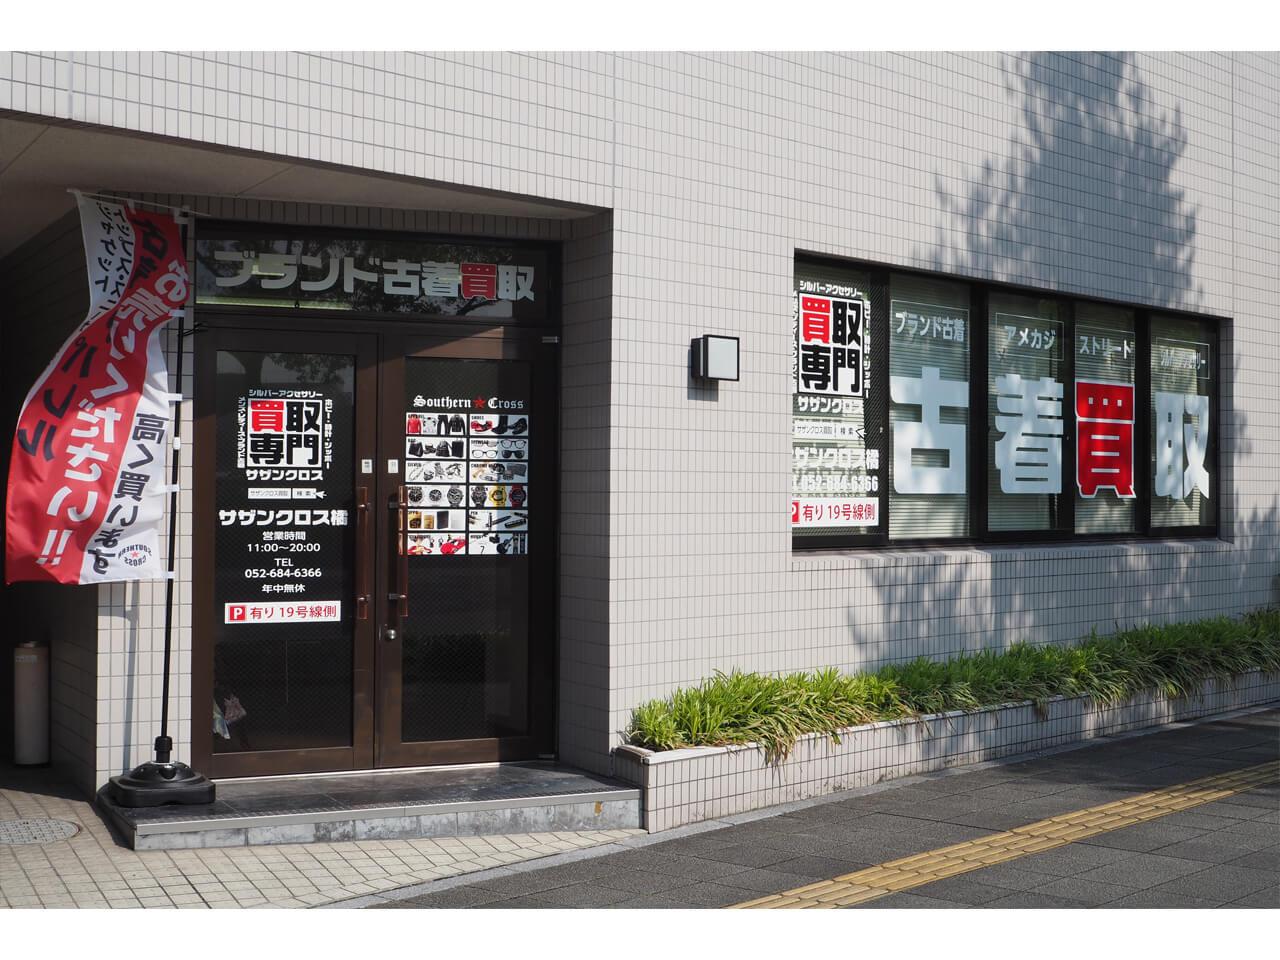 ブランド買取専門店 サザンクロス名古屋橘店の外観